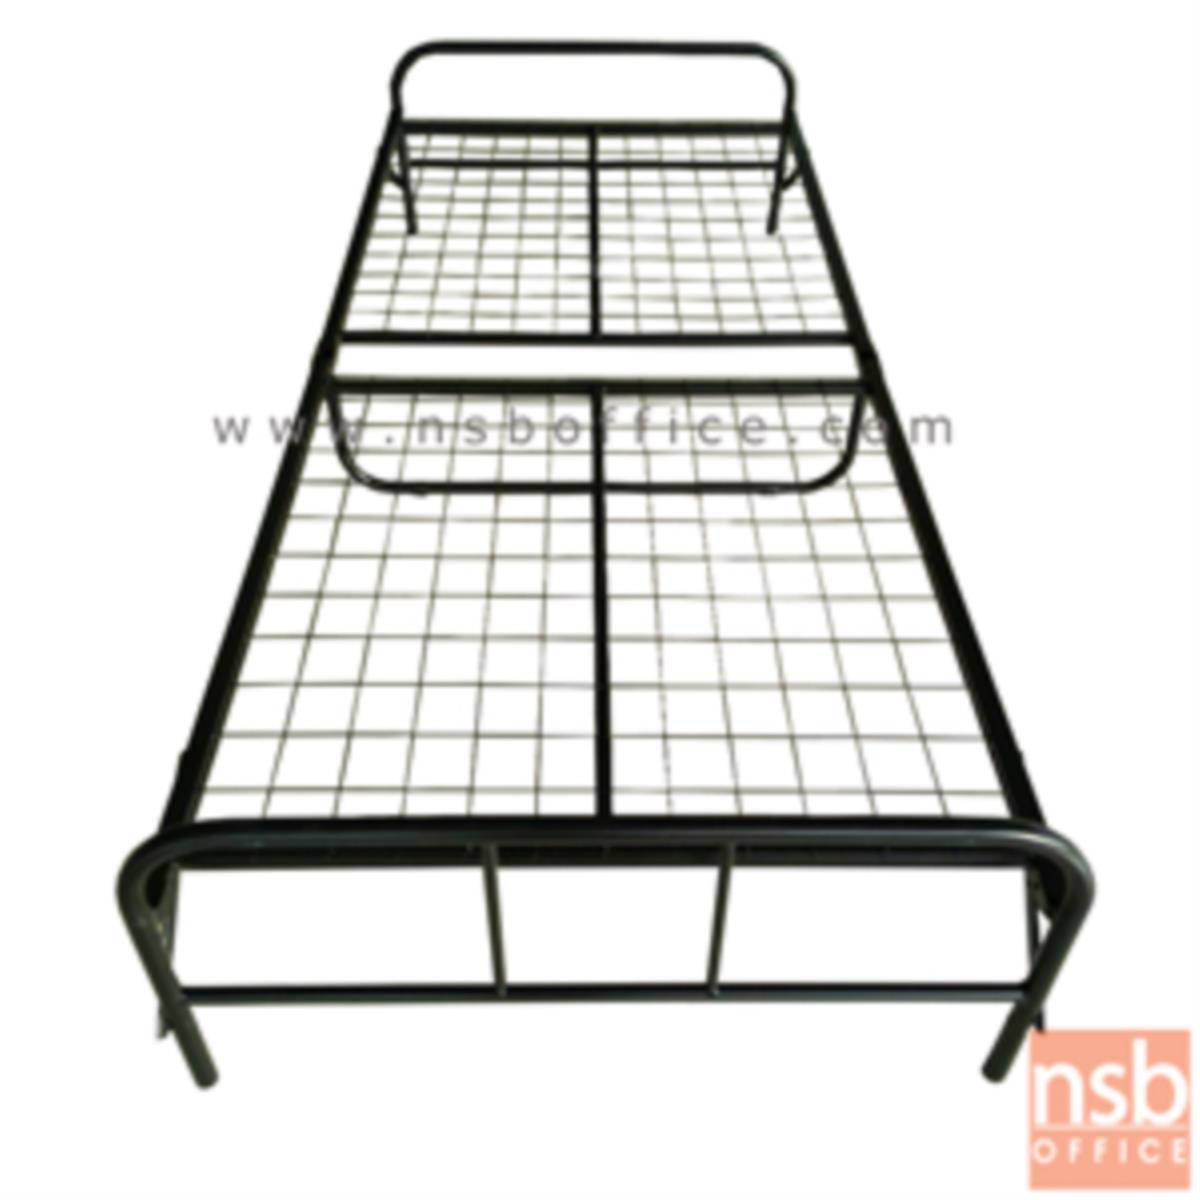 เตียงเหล็กพับได้ พื้นตะแกรง  ขนาด 90W*200D* 29H cm